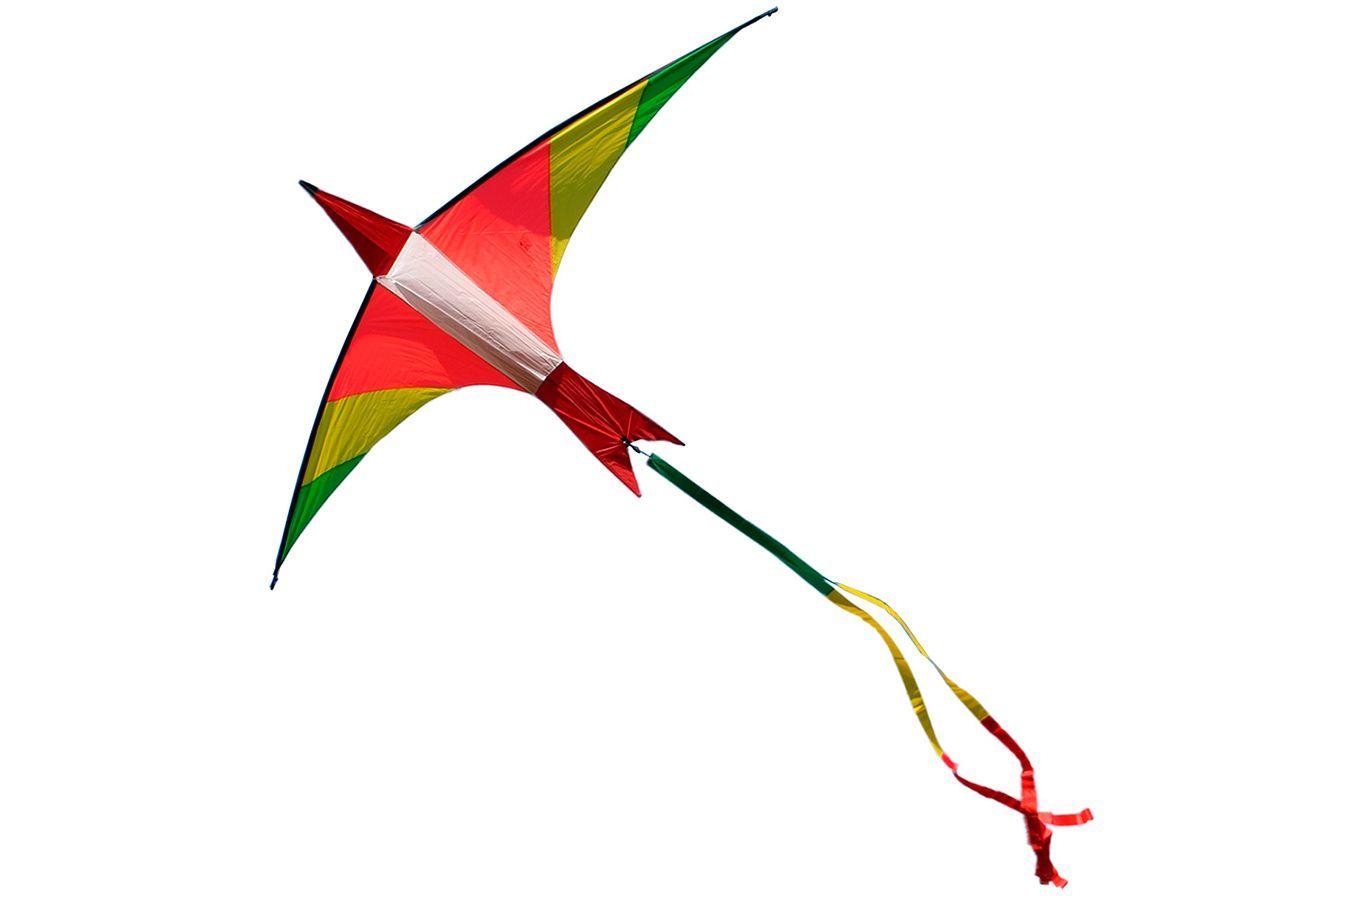 Алый Ибис, воздушный змей 3 метра [ZBIR]